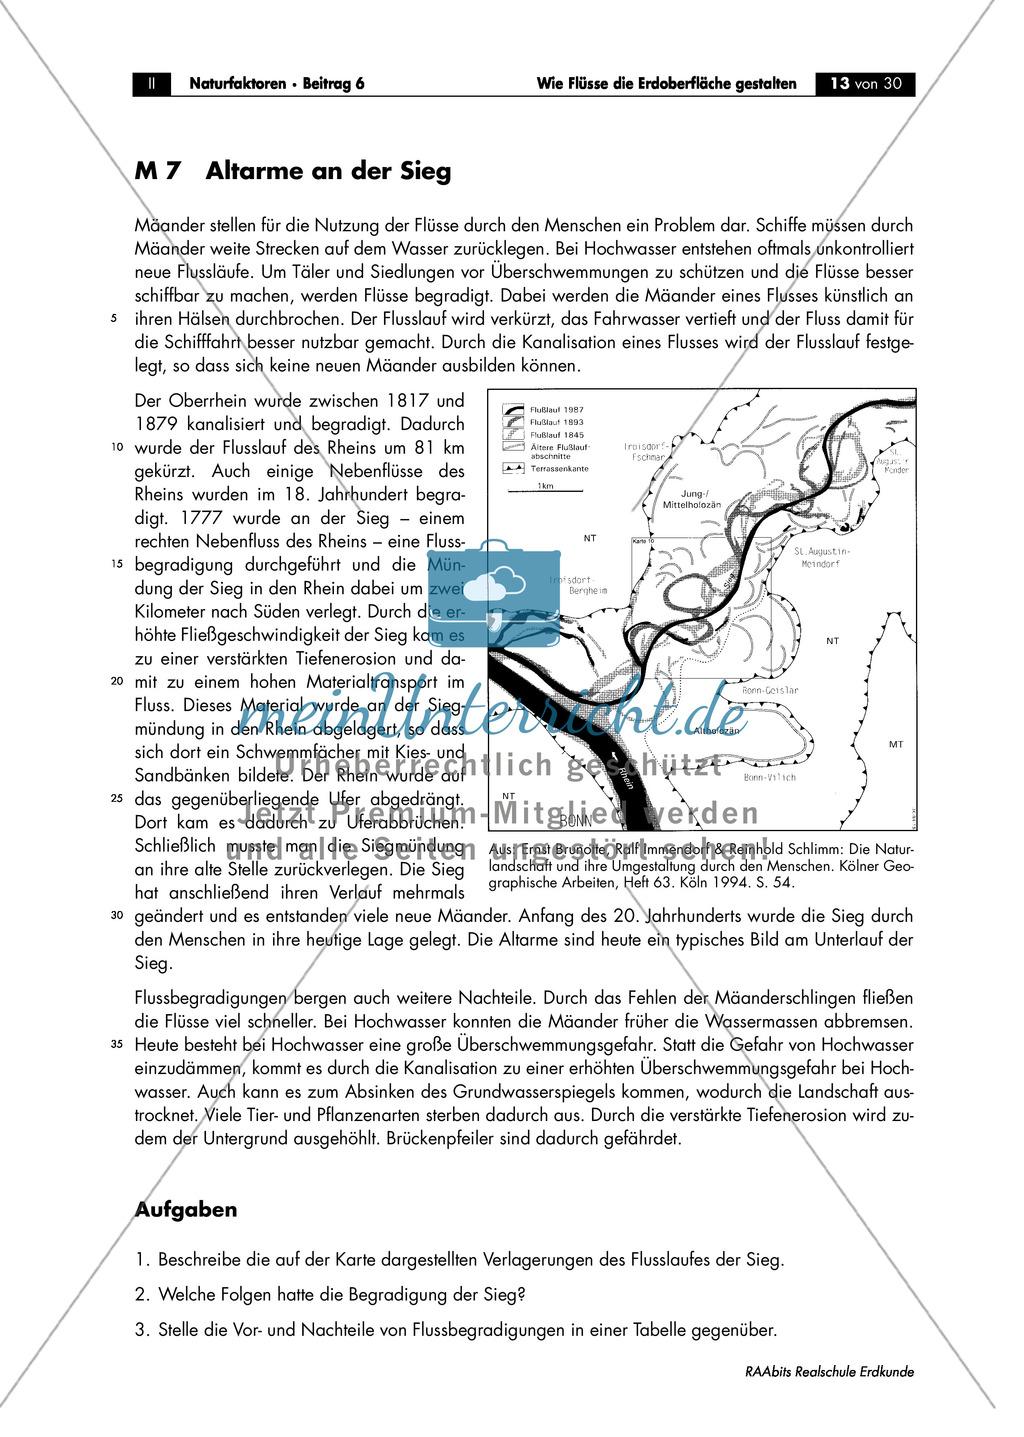 Flussdynamik- und Morphologie am Beispiel des Rheins: Prall- und Gleithang + Mäander + Altarme + Talformen + Flussmündungen Preview 5